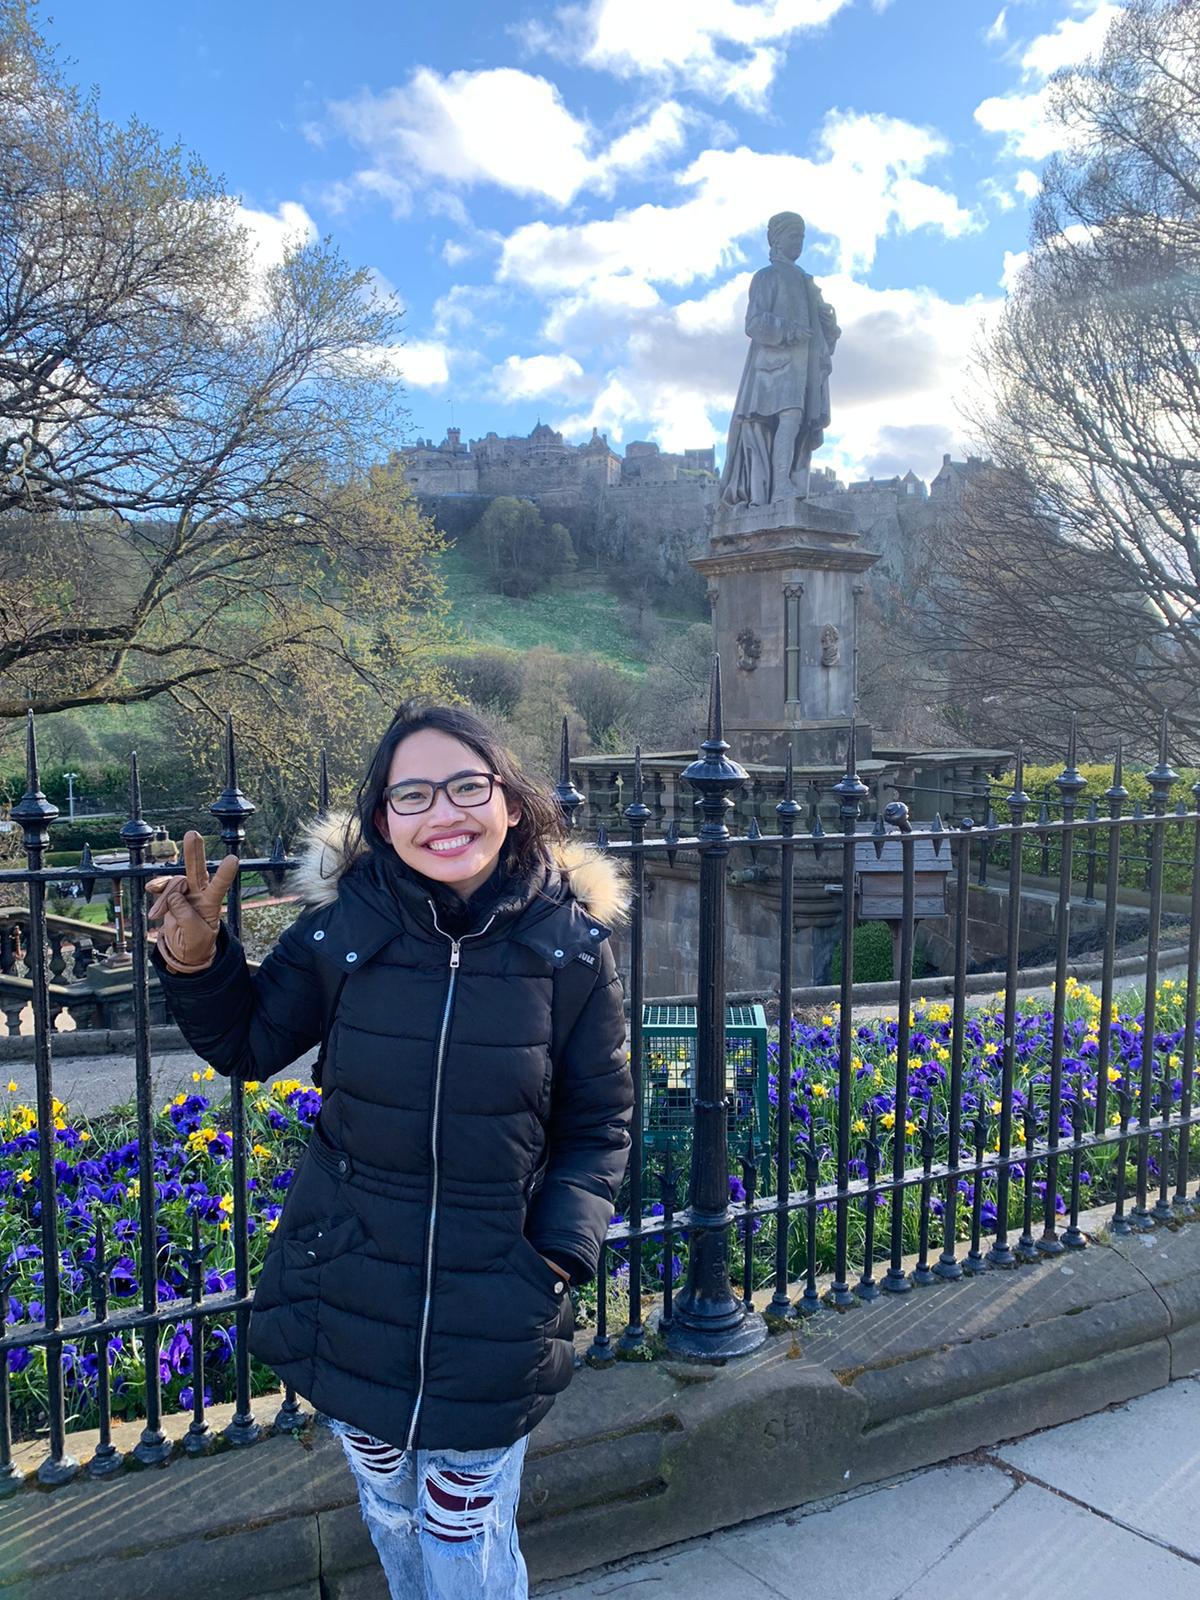 Senyum lebar karena berhasil mengunjungi Edinburgh, kota tercantik di UK